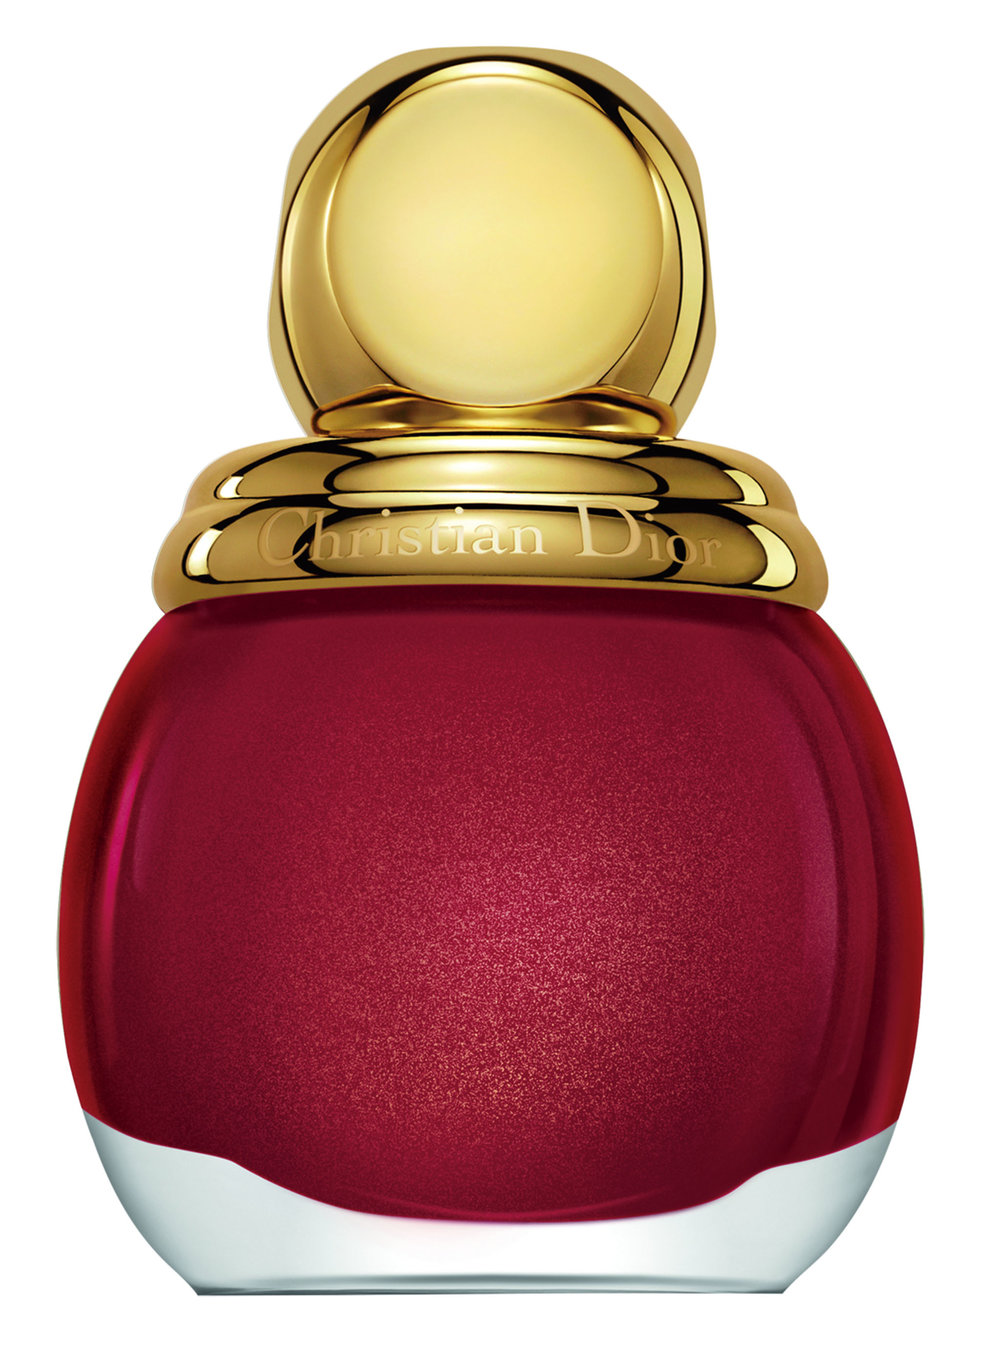 6.Dior 指甲油 $34, dior.com